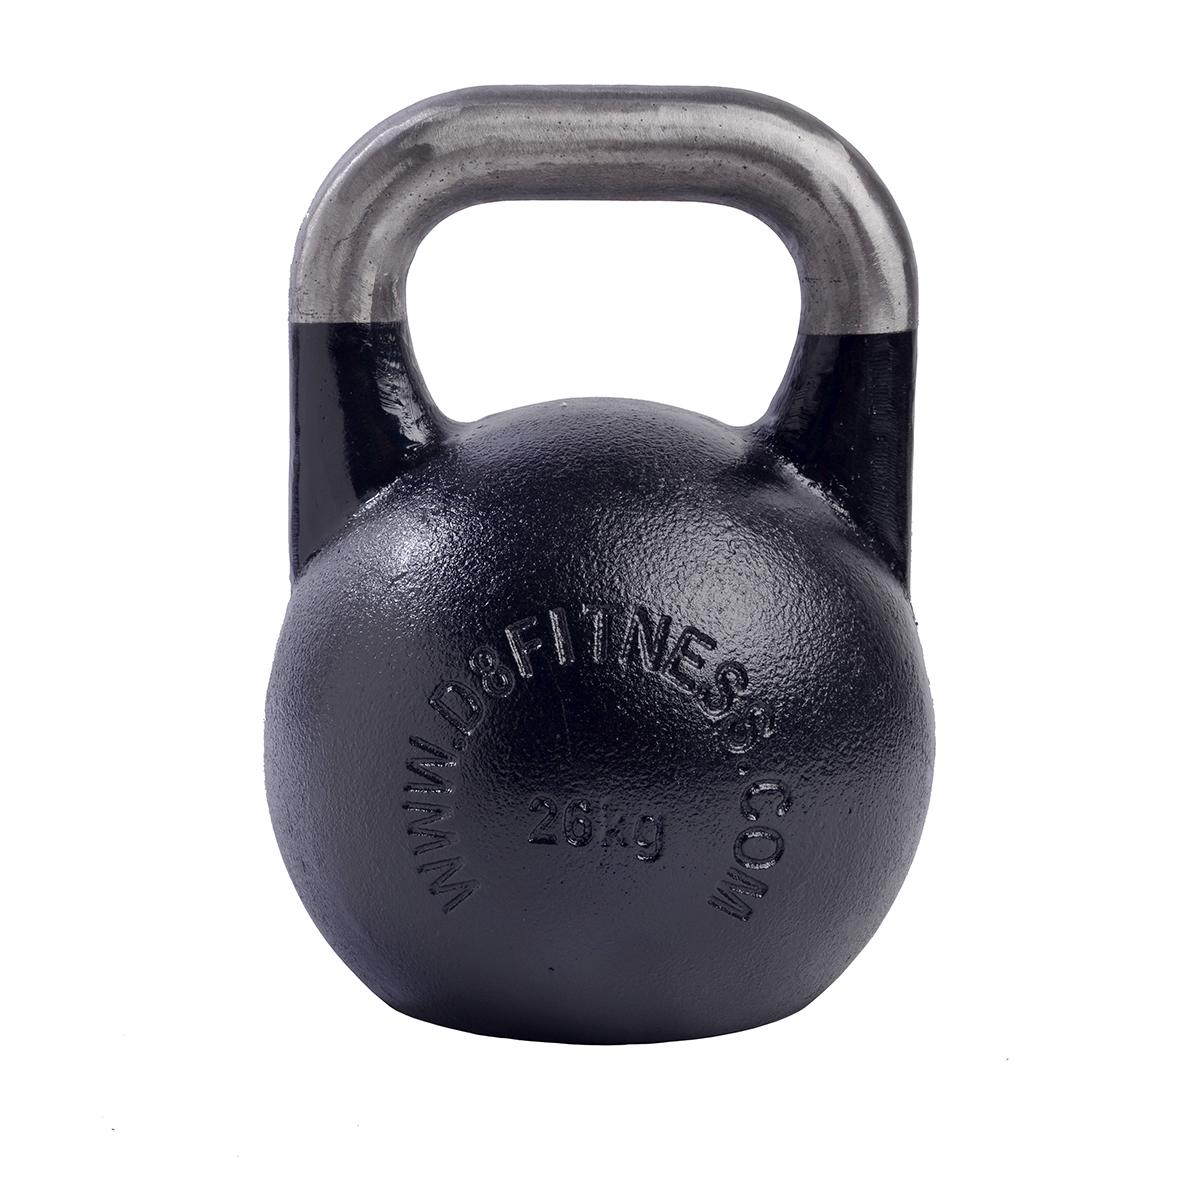 Pro grade Kettlebell 26kg